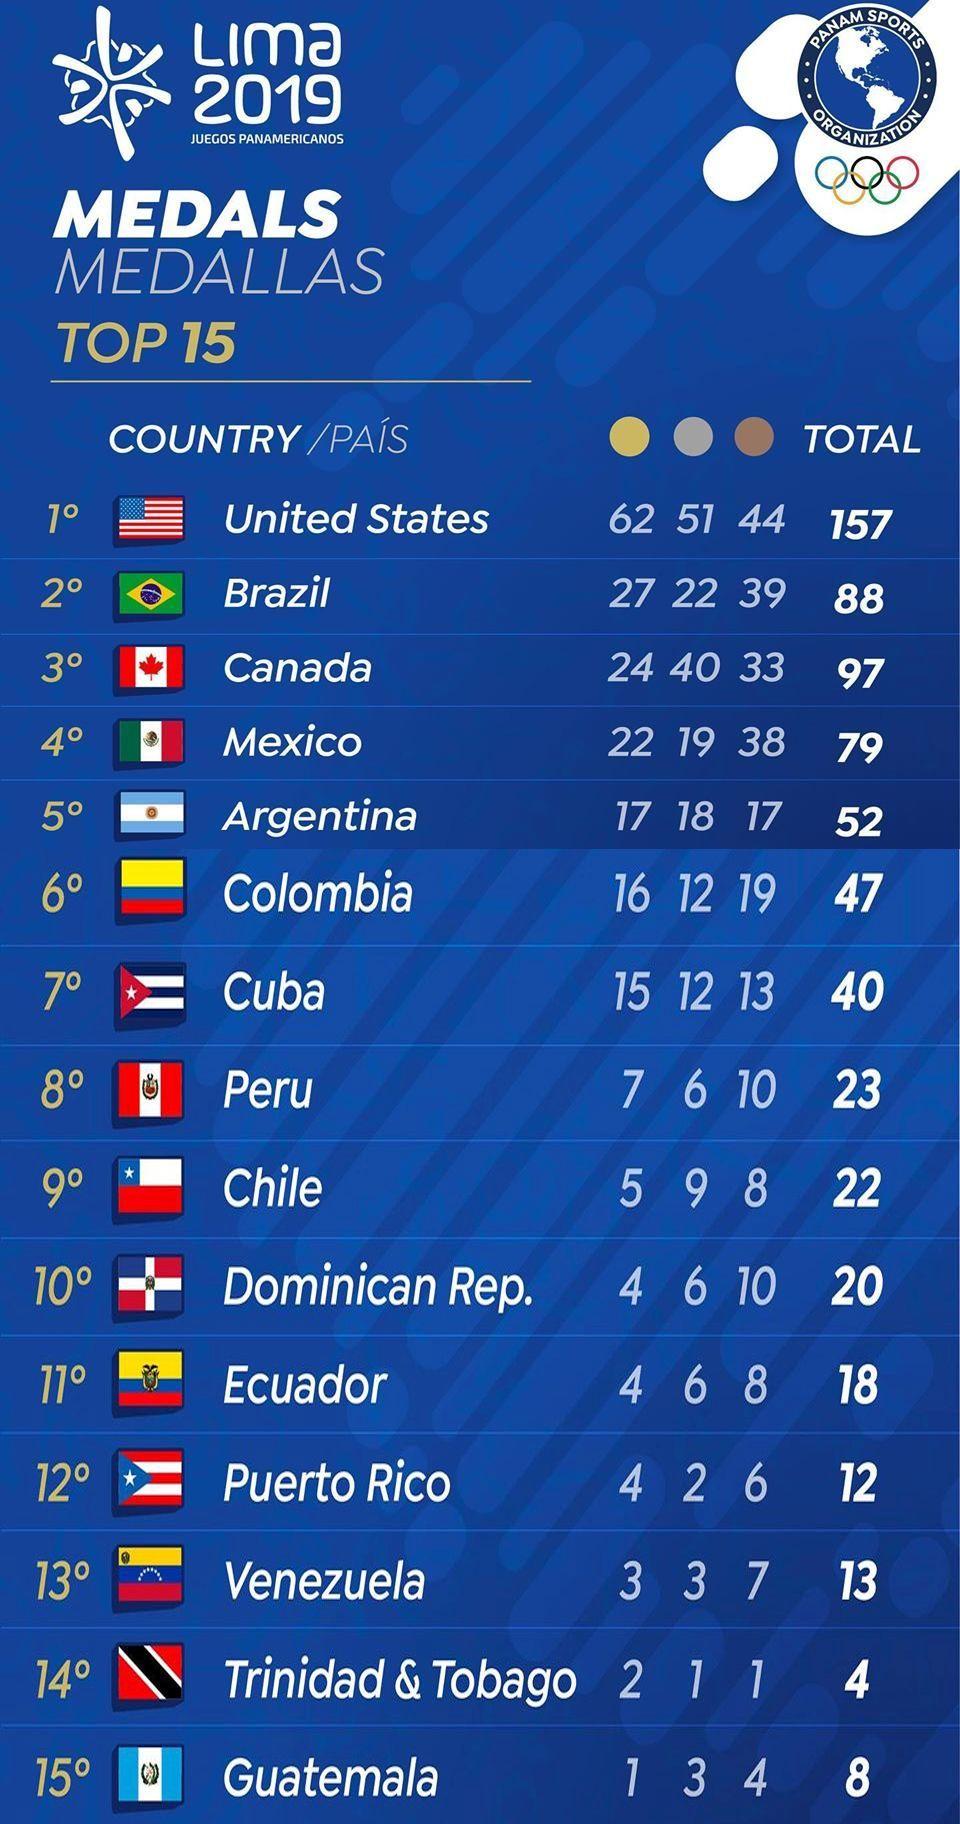 Medallero de los Juegos Panamericanos Lima 2019 al inicio del día 15 de competencia.